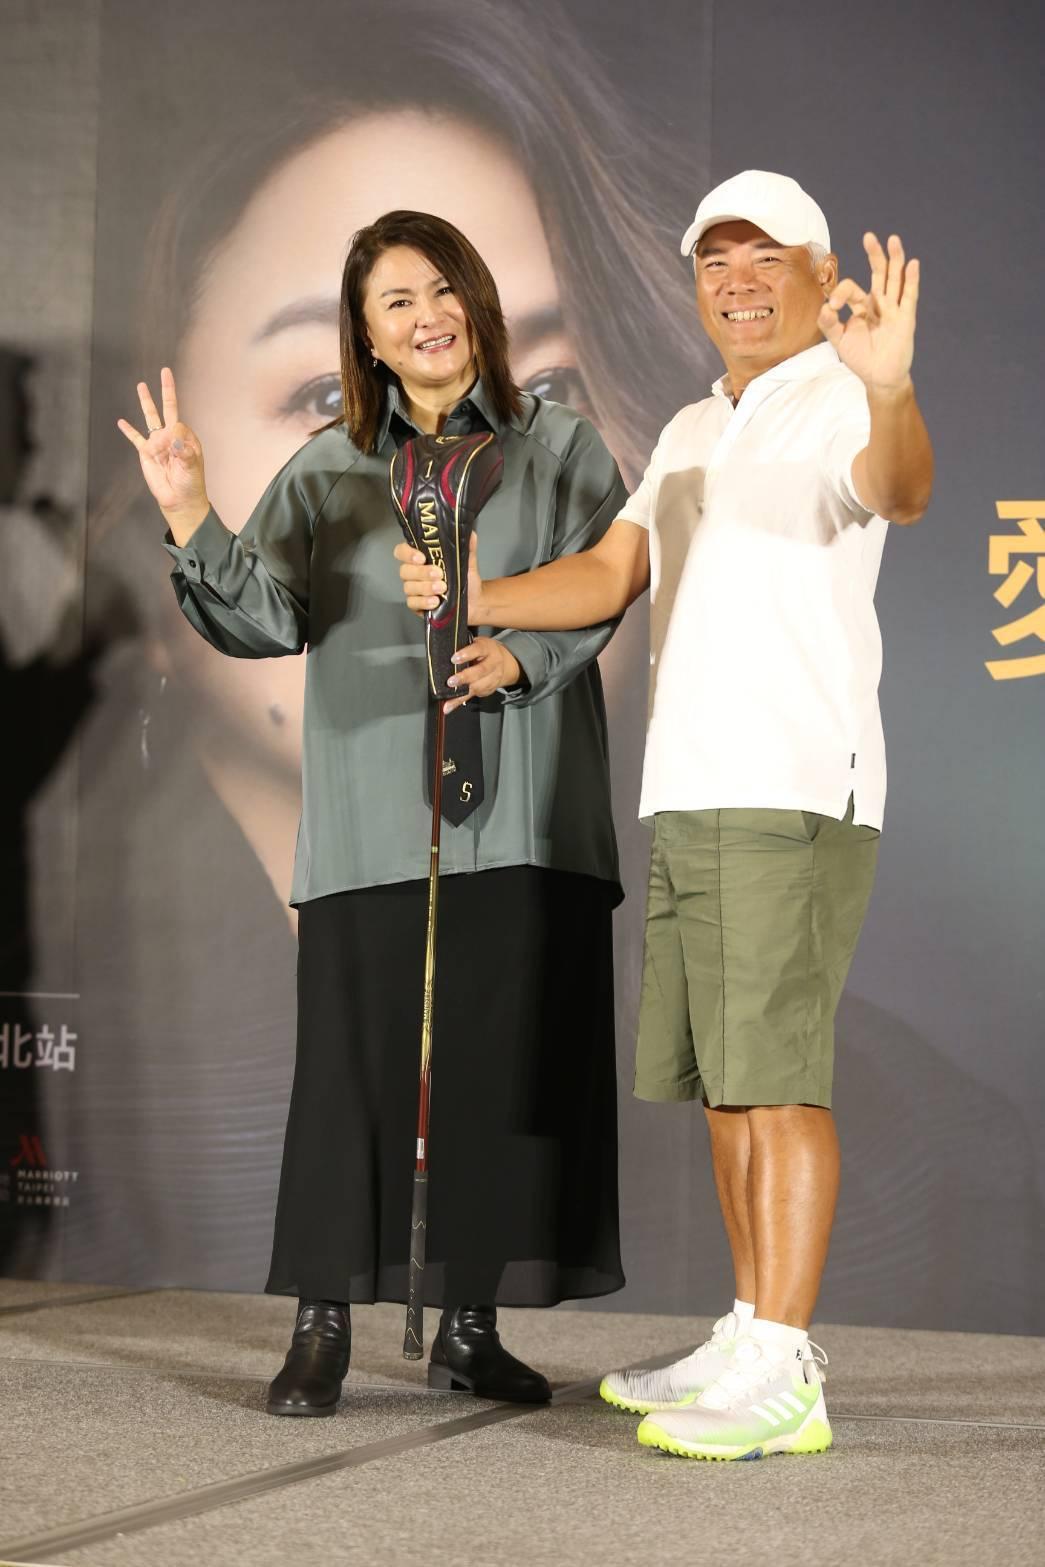 巫啟賢(右)今天現身為好友裘海正演唱會記者會站台。記者邱德祥/攝影